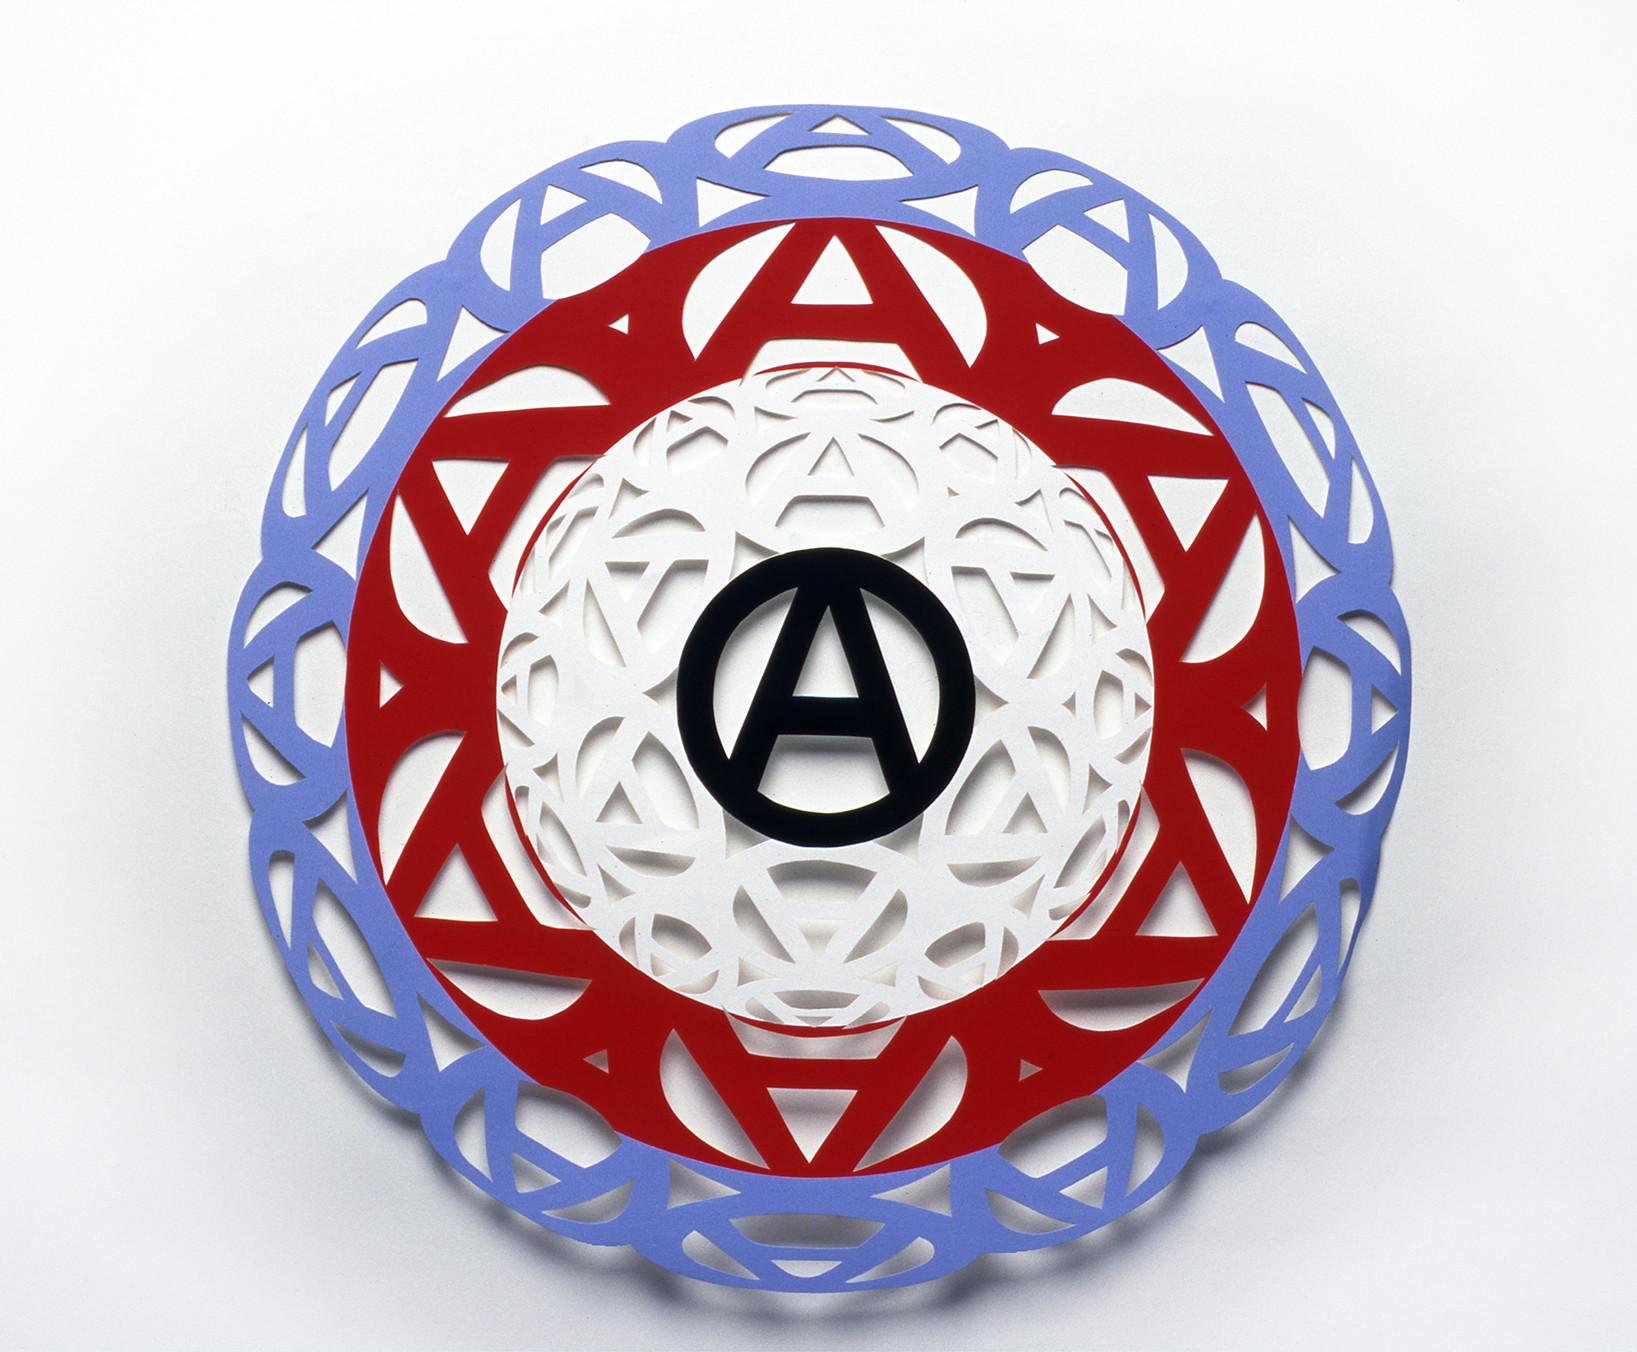 """<div class=""""artwork_caption""""><div class=""""title""""><em>Anarchy Target III</em>, 1999</div><div class=""""medium"""">blue, red, white and black paper</div><div class=""""dimensions"""">diameter: 20 in / 51 cm</div></div>"""